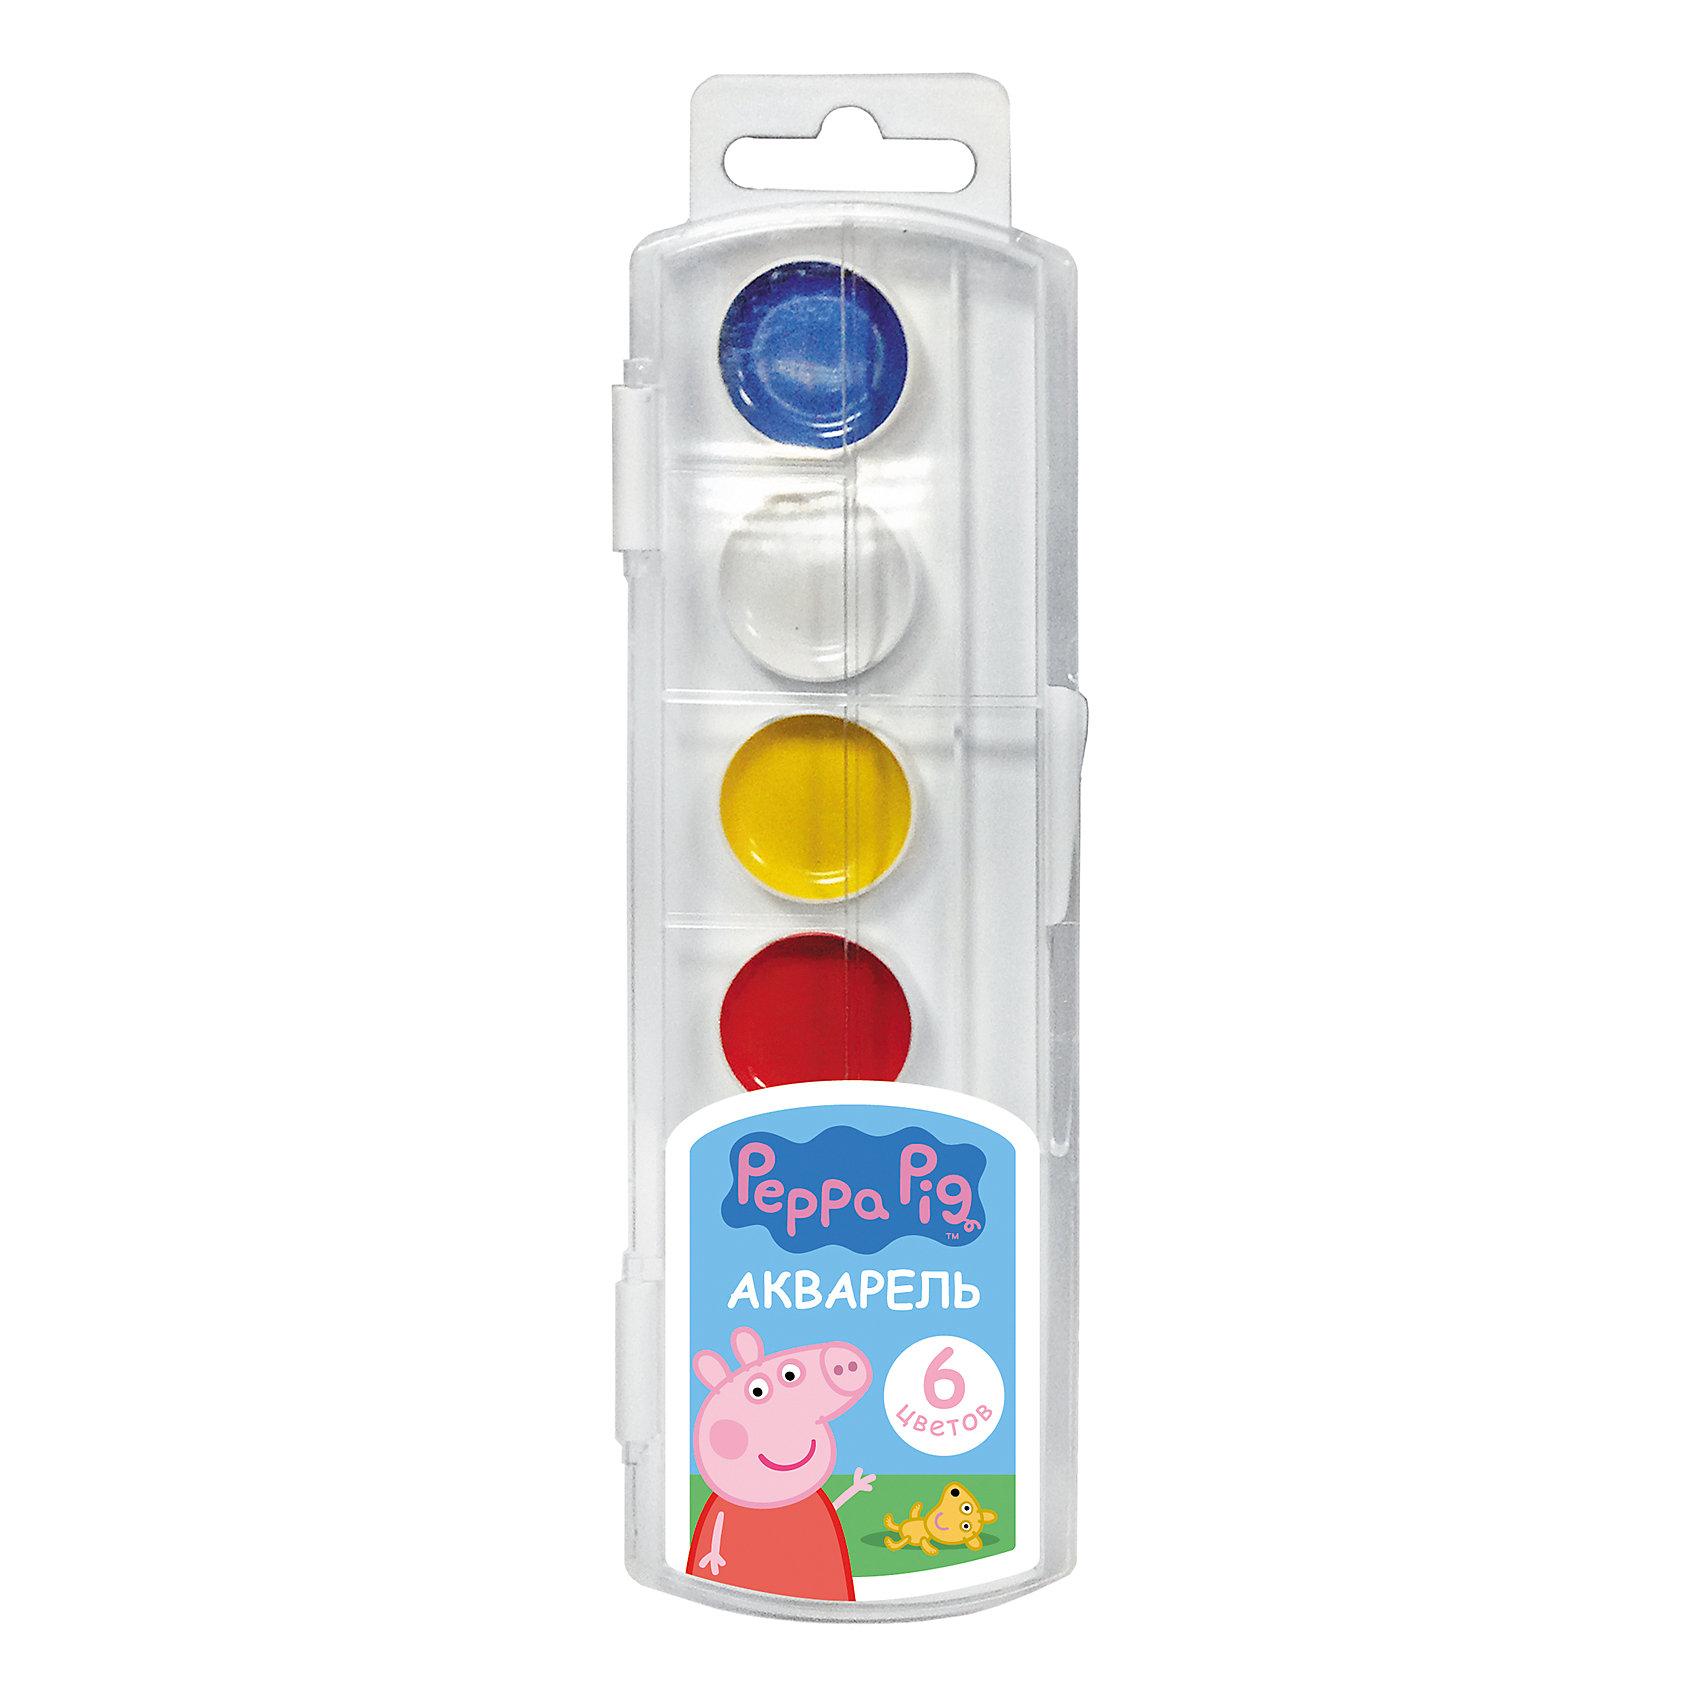 Акварель Свинка Пеппа 6 цветовВ наборе акварельных красок «Свинка Пеппа» 6 насыщенных цветов, которые помогут вашей малышке создать яркие картинки. Краски идеально подходят для рисования: они хорошо размываются водой, легко наносятся на поверхность, быстро сохнут, безопасны при использовании по назначению. <br><br>Дополнительная информация:<br><br>Состав: вода питьевая, декстрин, глицерин, сахар, органические и неорганические тонкодисперсные пигменты, консервант, наполнитель. <br>Не содержит спирта. <br>Срок годности не ограничен. <br>Размер упаковки: 6х19,7х1,2 см.<br><br>Акварель Свинка Пеппа (Peppa Pig) 6 цветов можно купить в нашем магазине.<br><br>Ширина мм: 195<br>Глубина мм: 55<br>Высота мм: 10<br>Вес г: 48<br>Возраст от месяцев: 36<br>Возраст до месяцев: 108<br>Пол: Унисекс<br>Возраст: Детский<br>SKU: 4602320